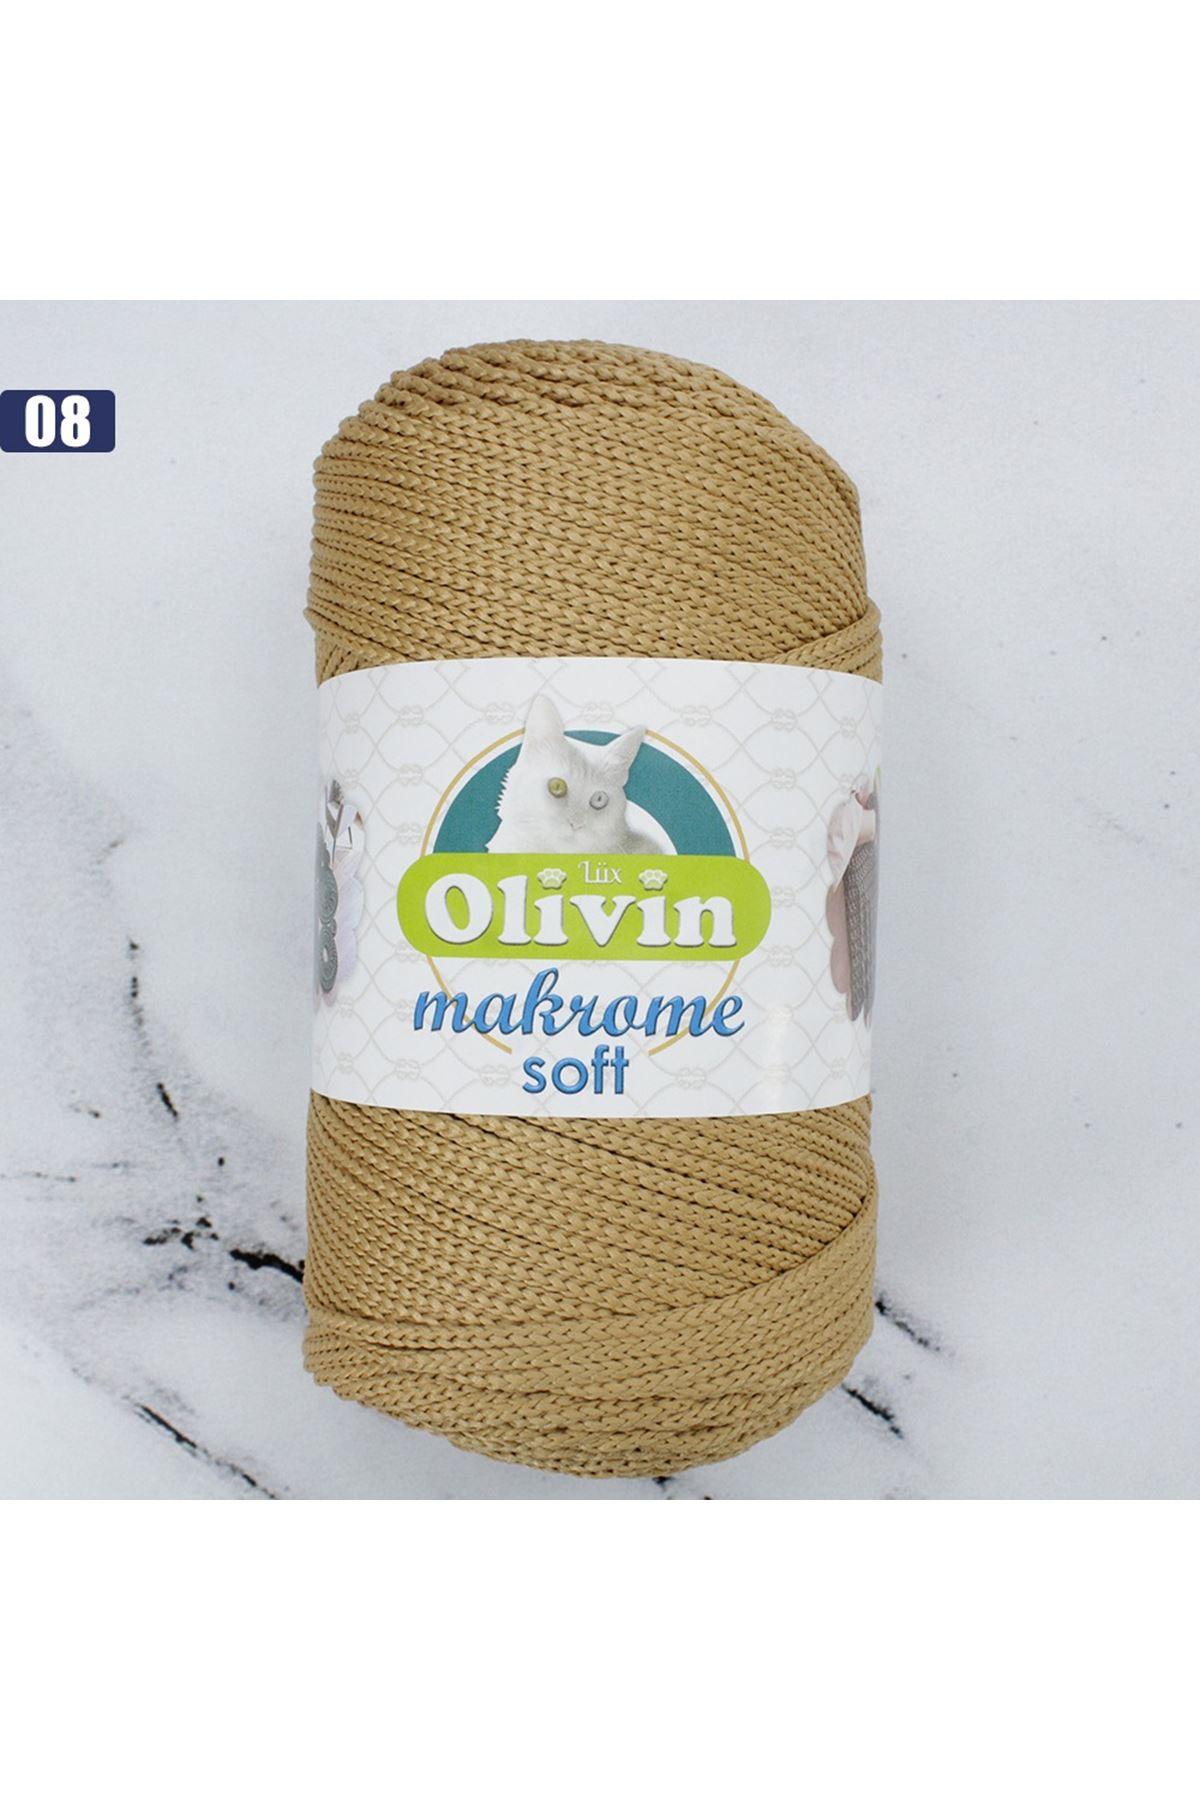 Olivin Makrome Soft 08